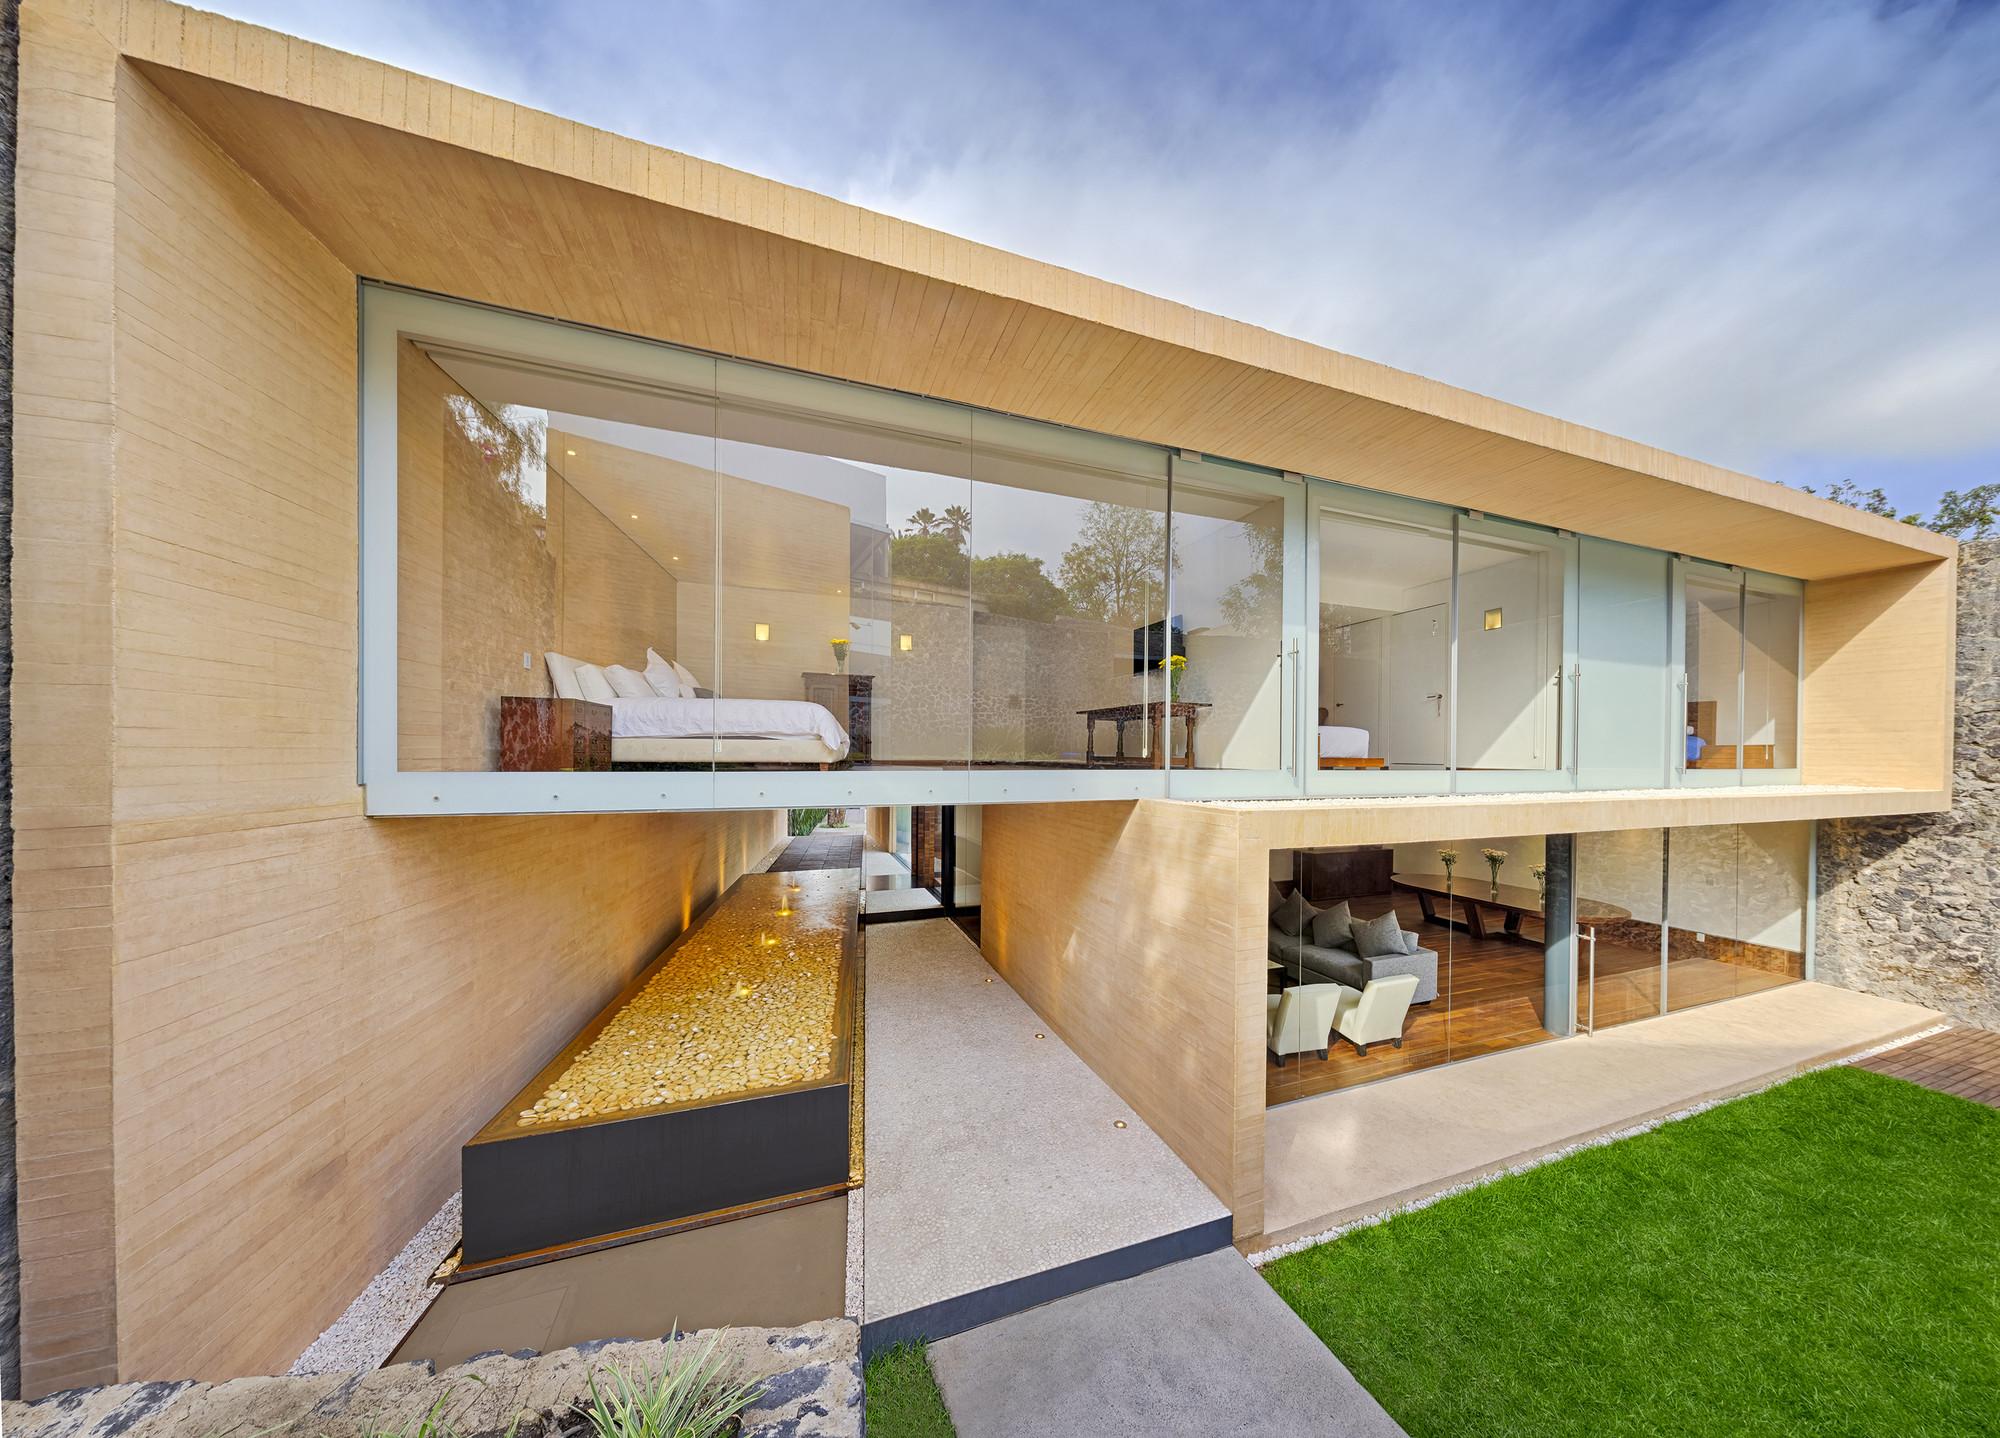 Casa Fuego 121 / DPG arquitectos, © Hector Armando Herrera